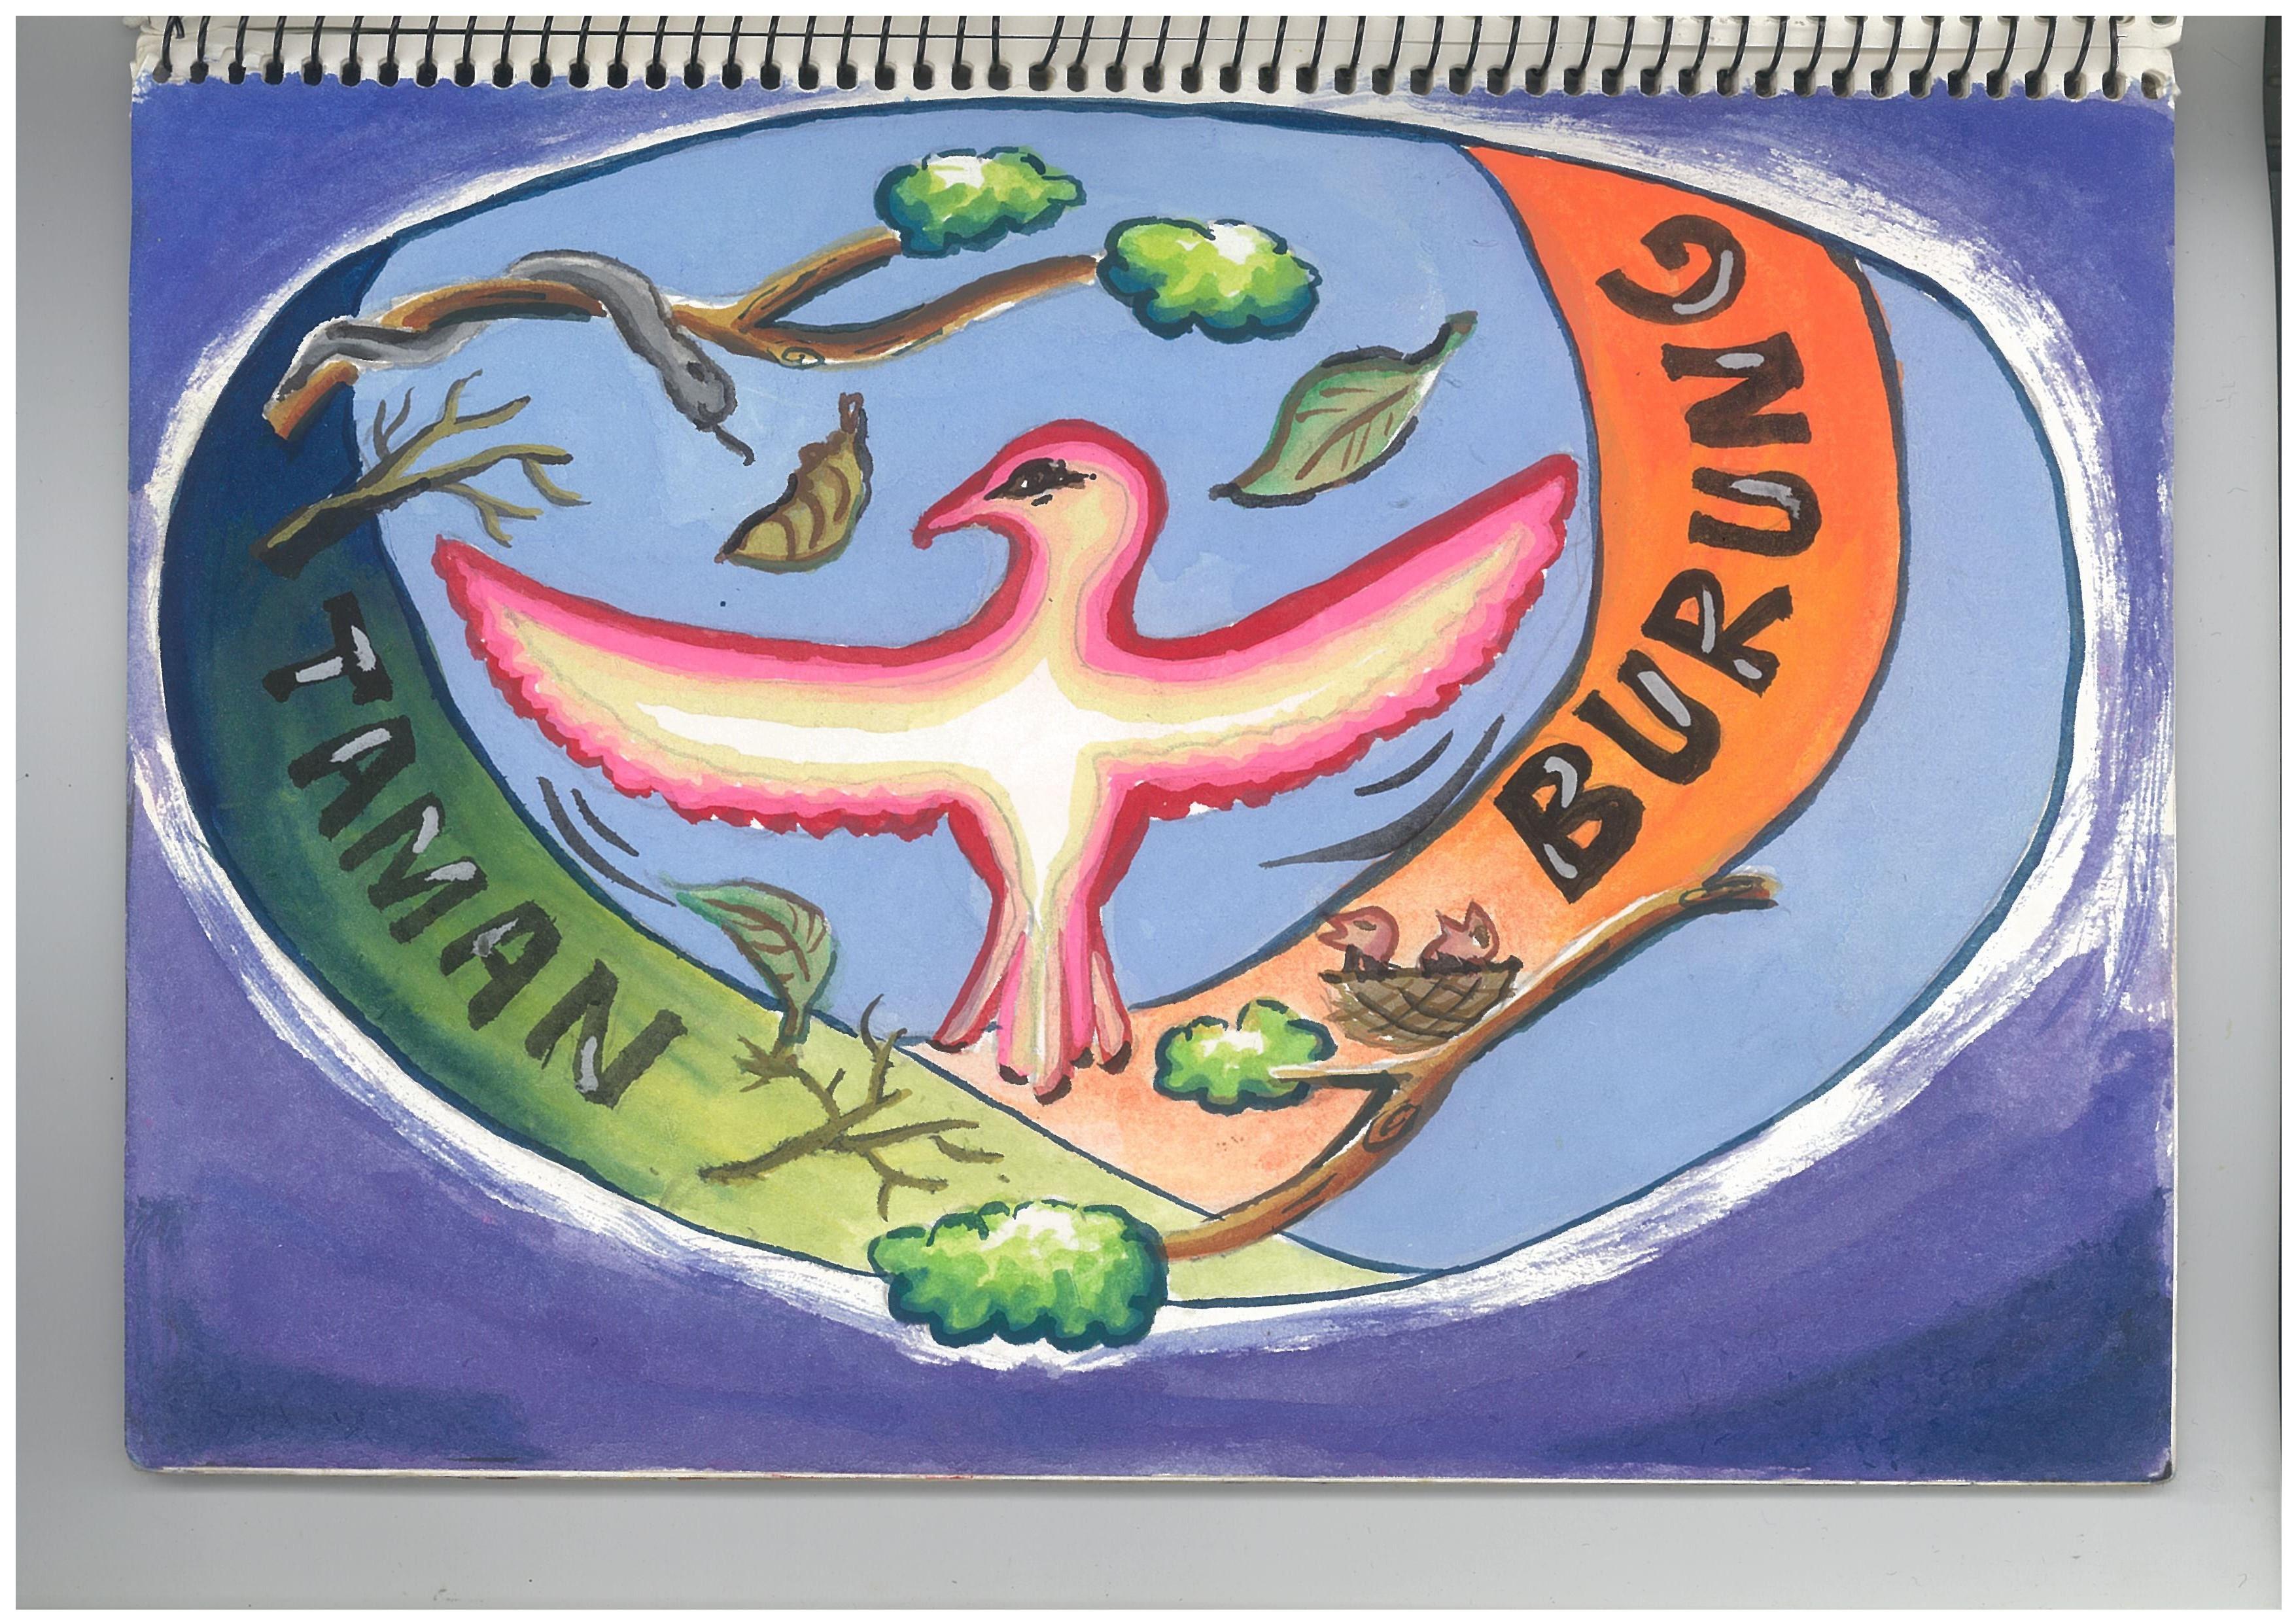 e.bird park logo